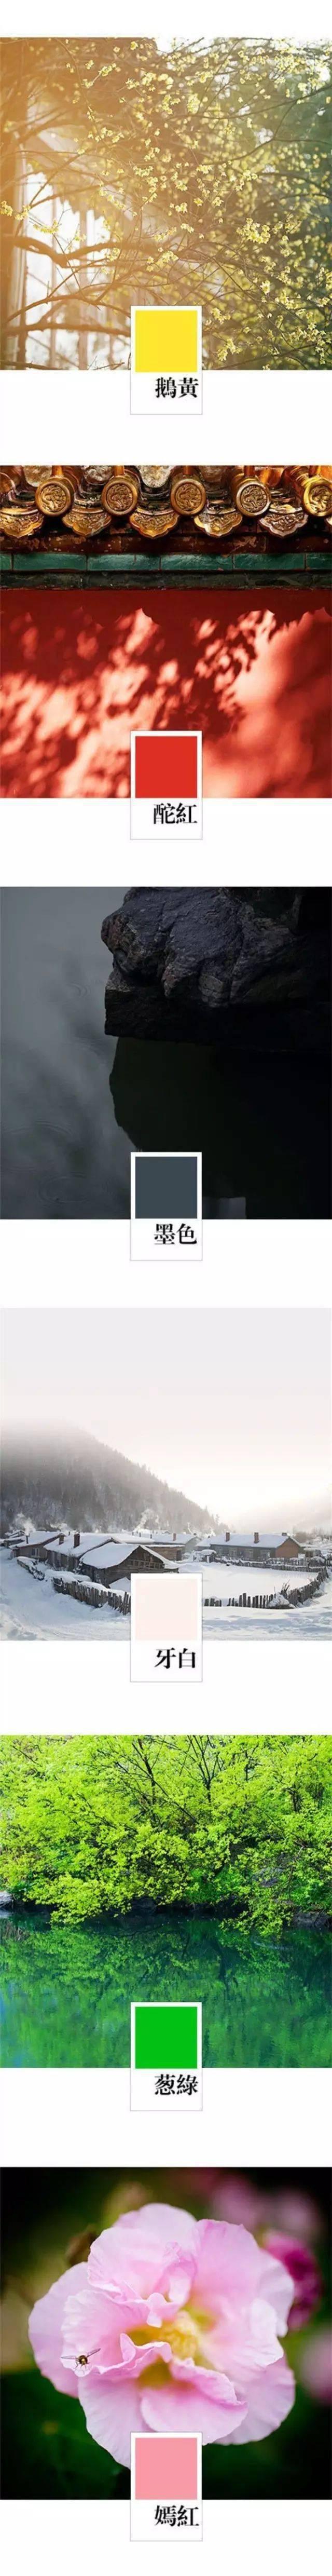 中国的颜色 原来如此美